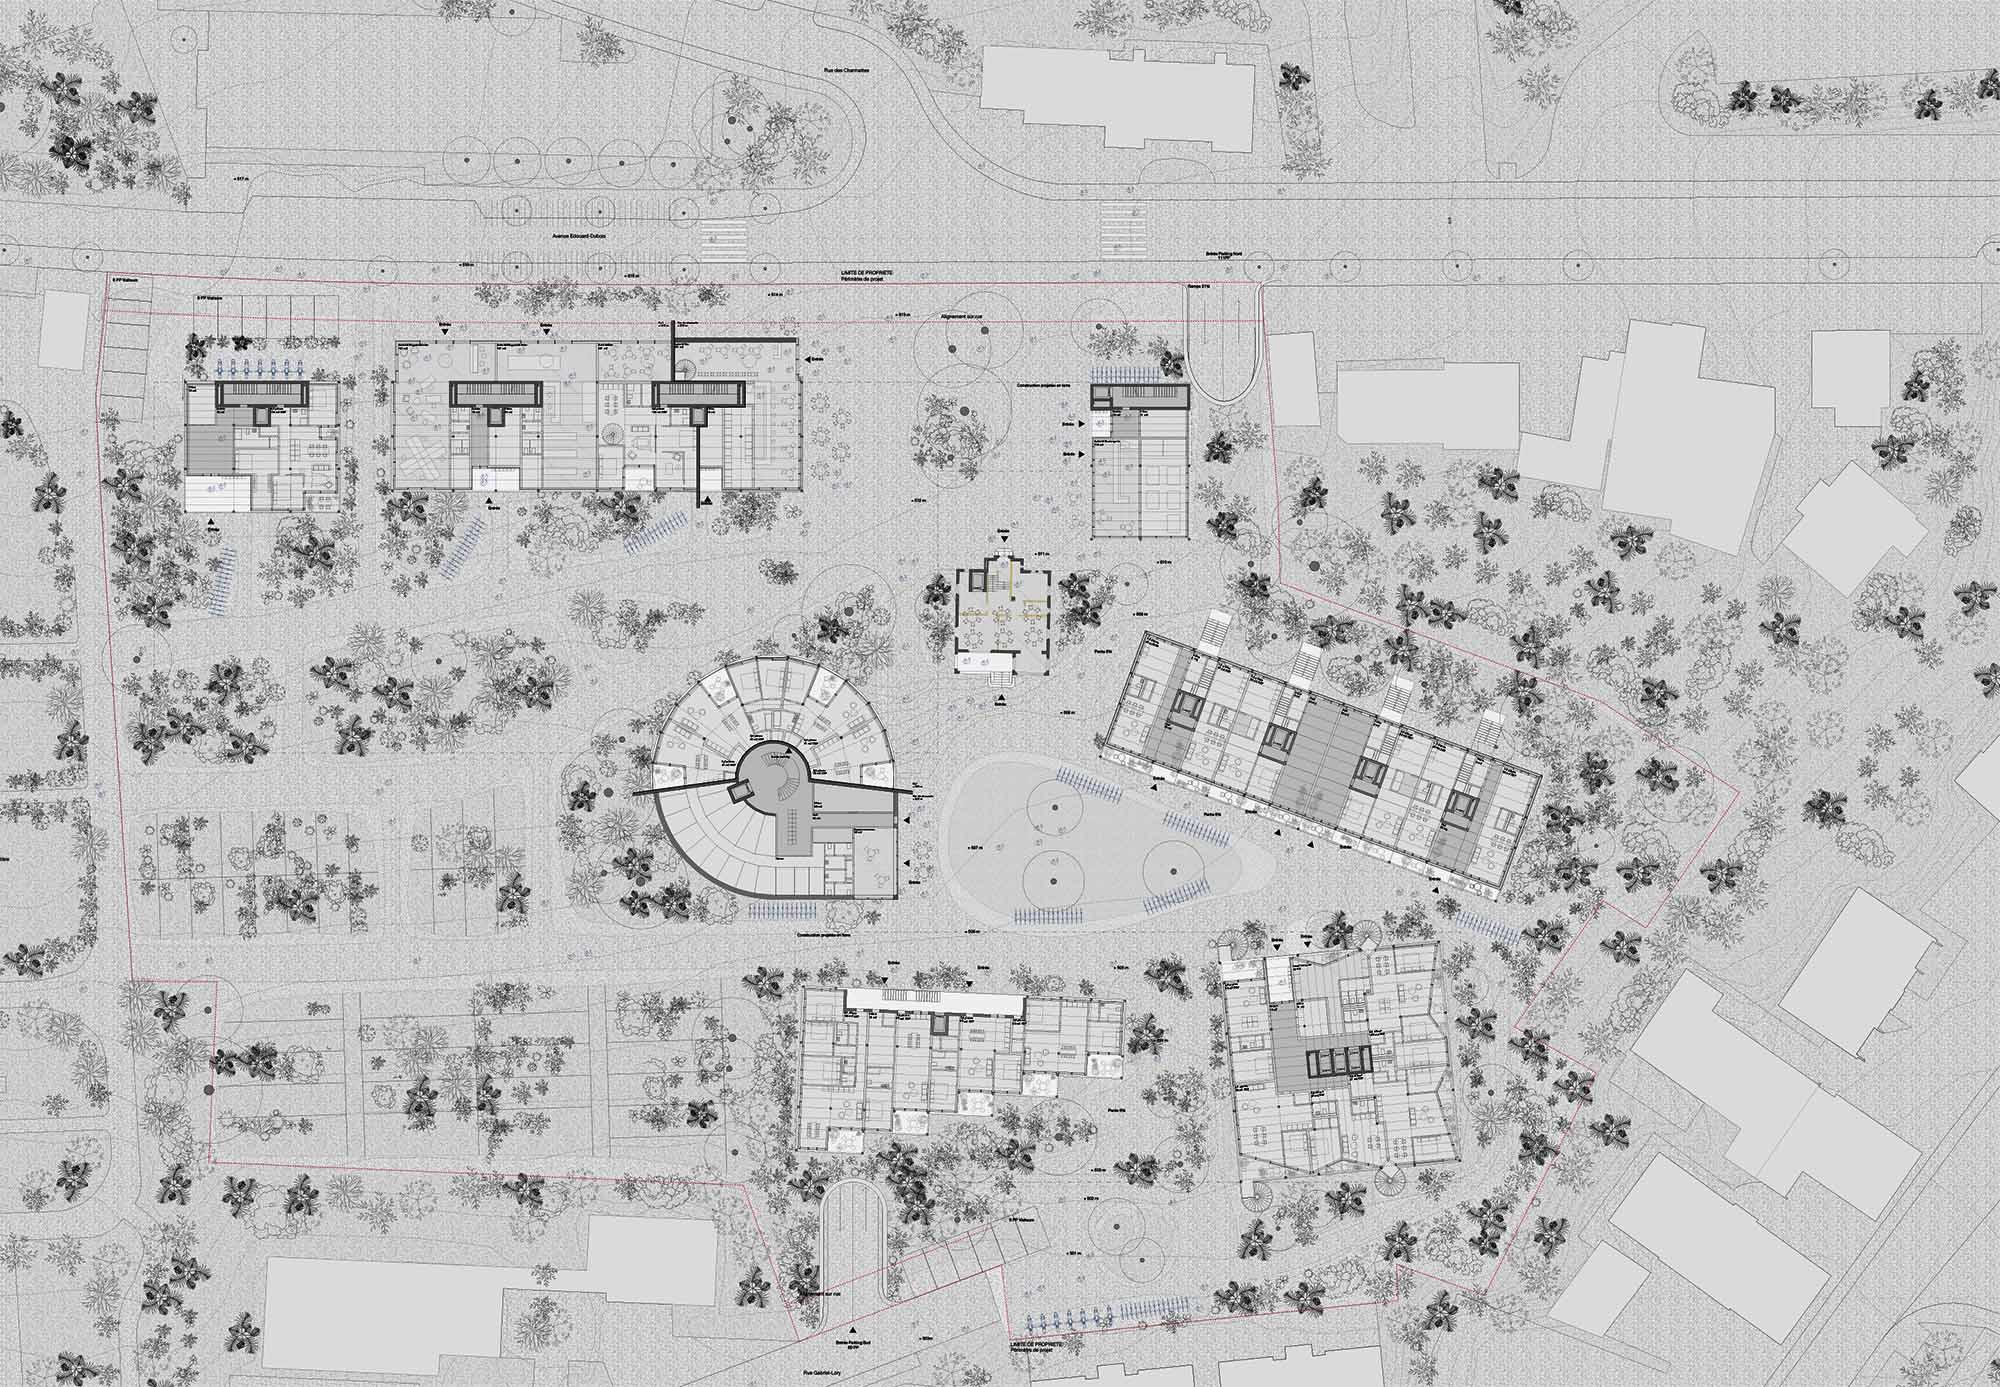 walabok_concours-darchitecture-quartier-beauregard-dessus_page02